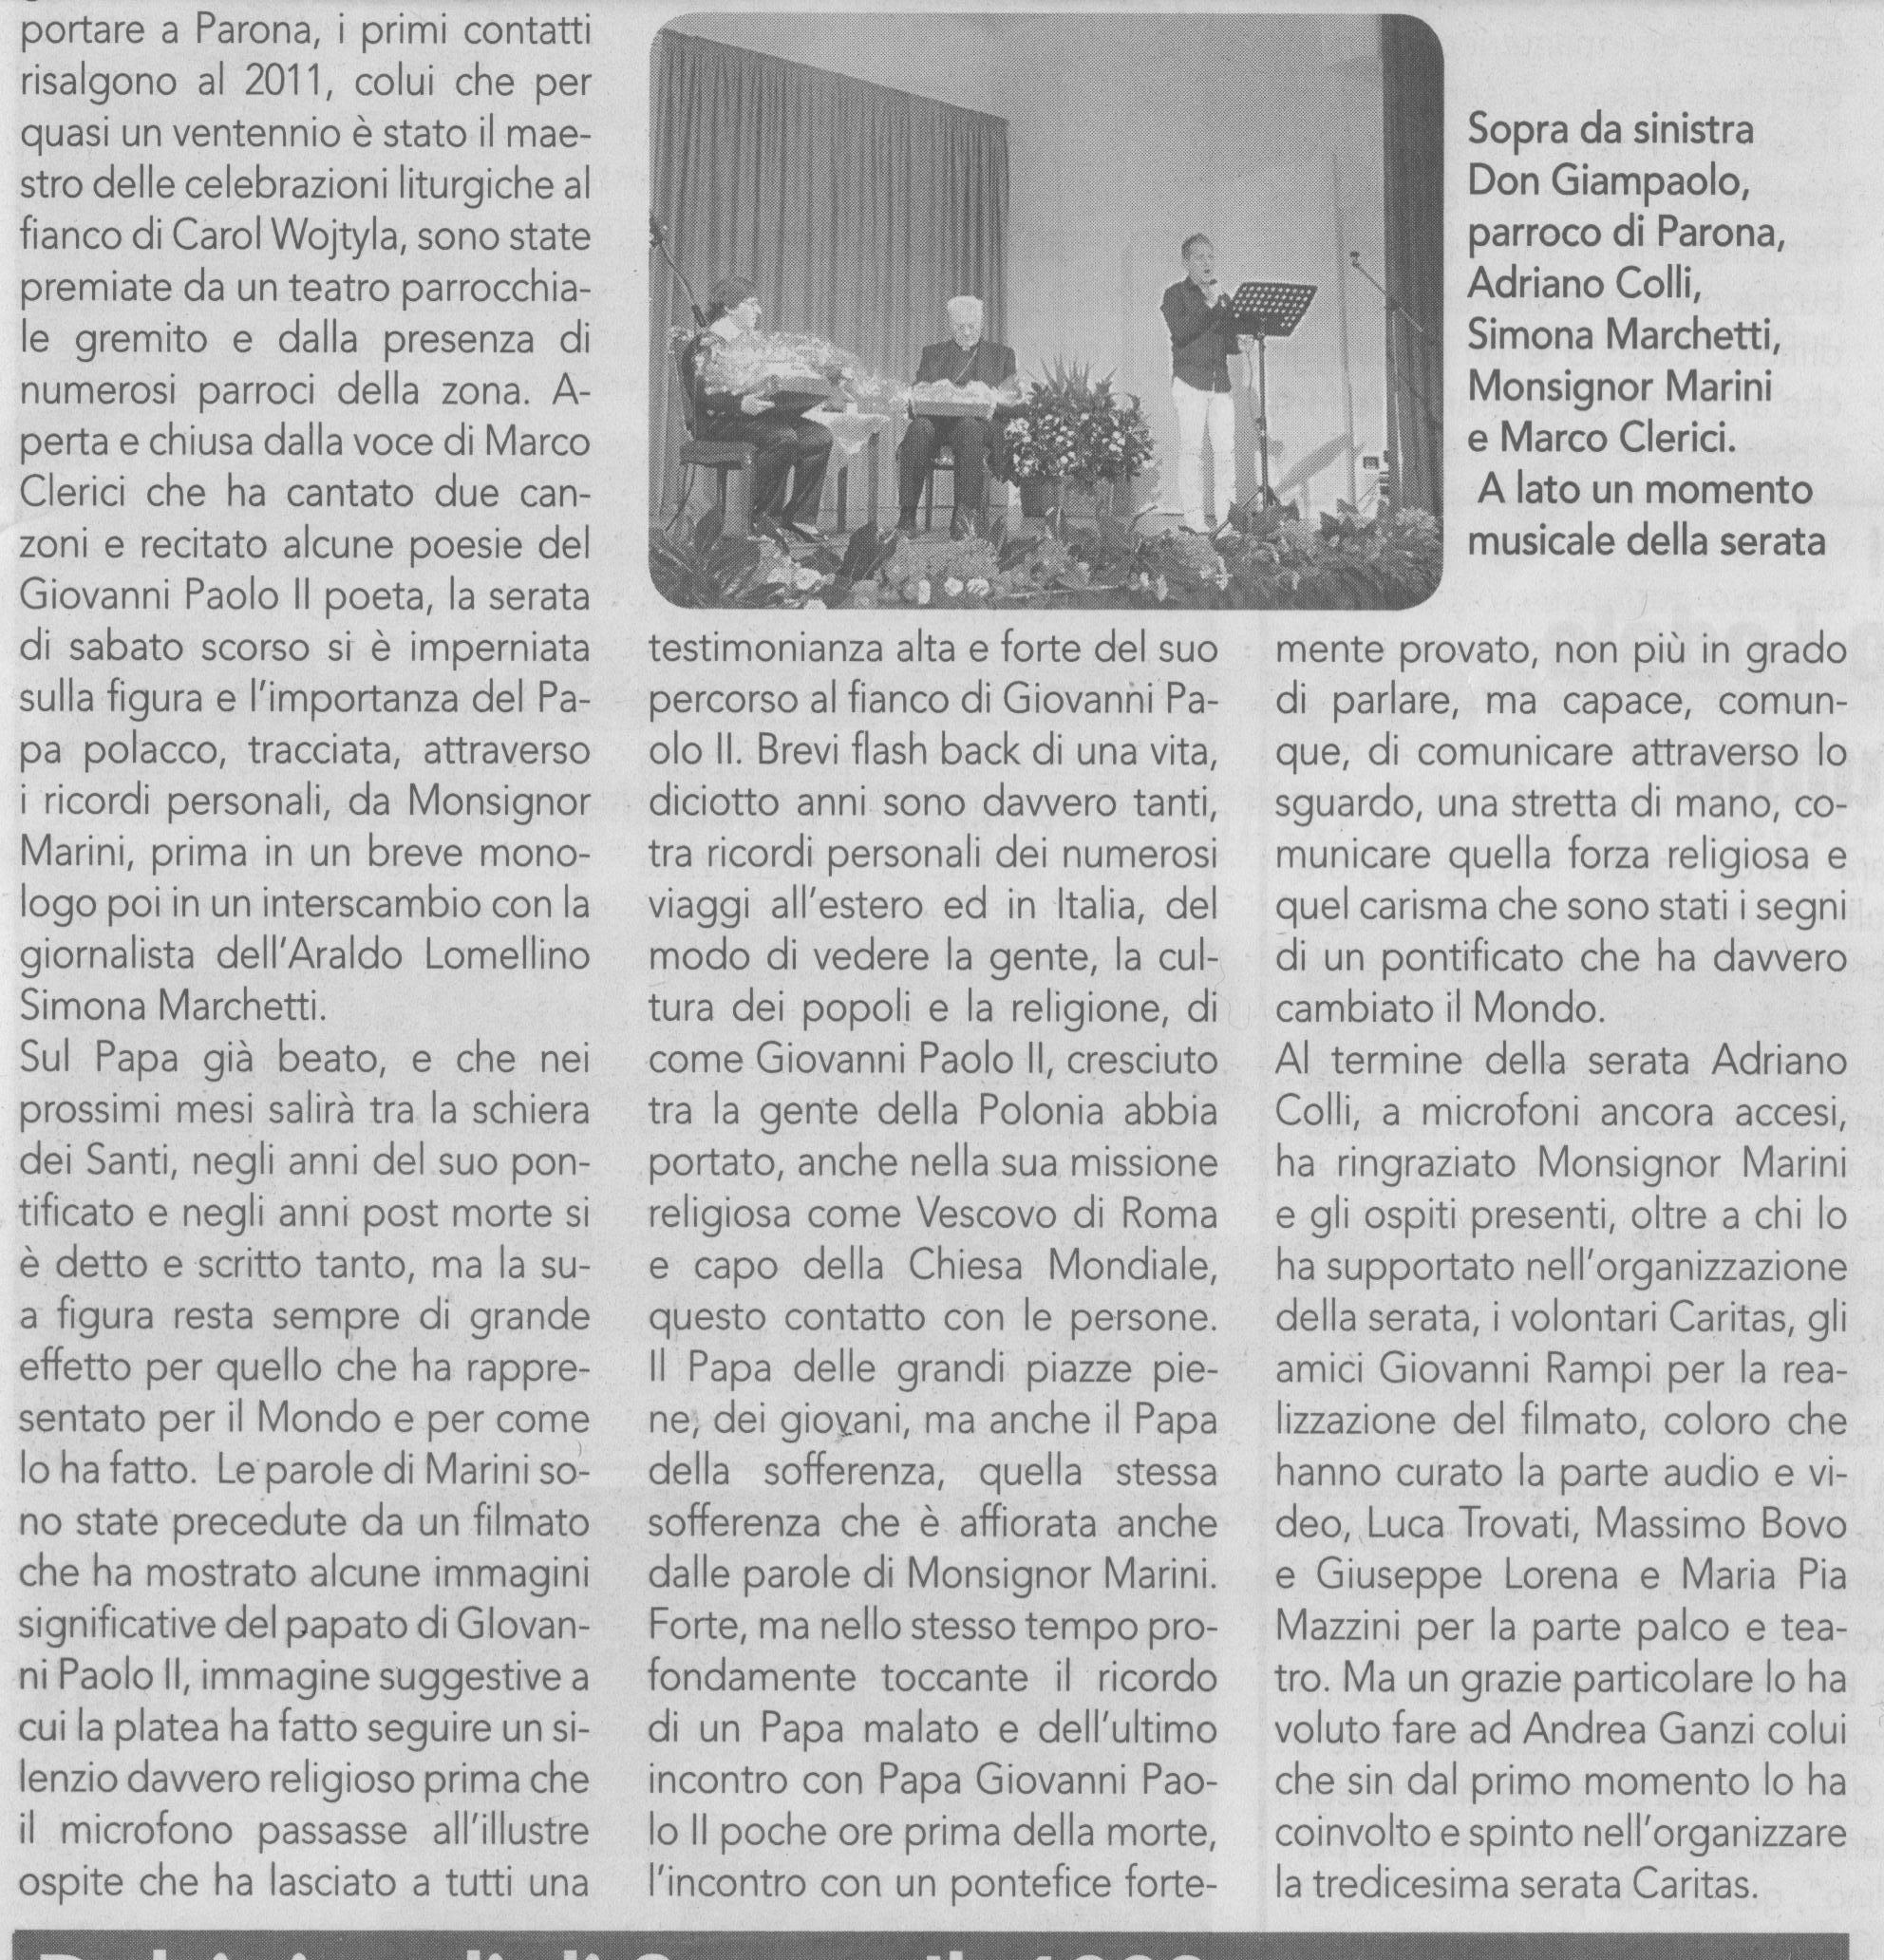 Mons. Marini a Parona settembre 2013 con Marco Clerici